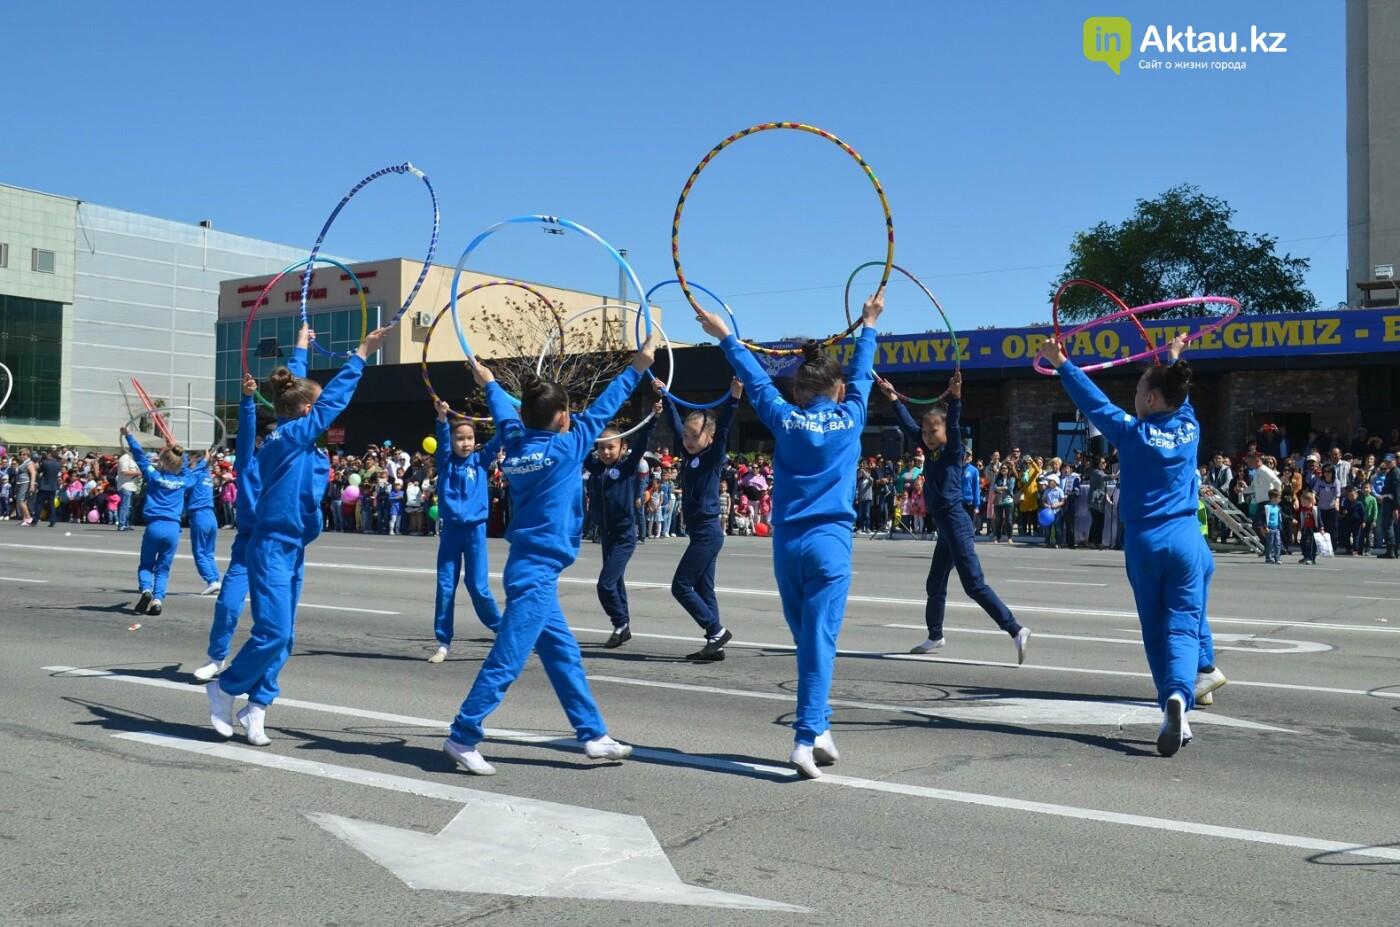 Как в Актау отметили День единства народов (ФОТО), фото-20